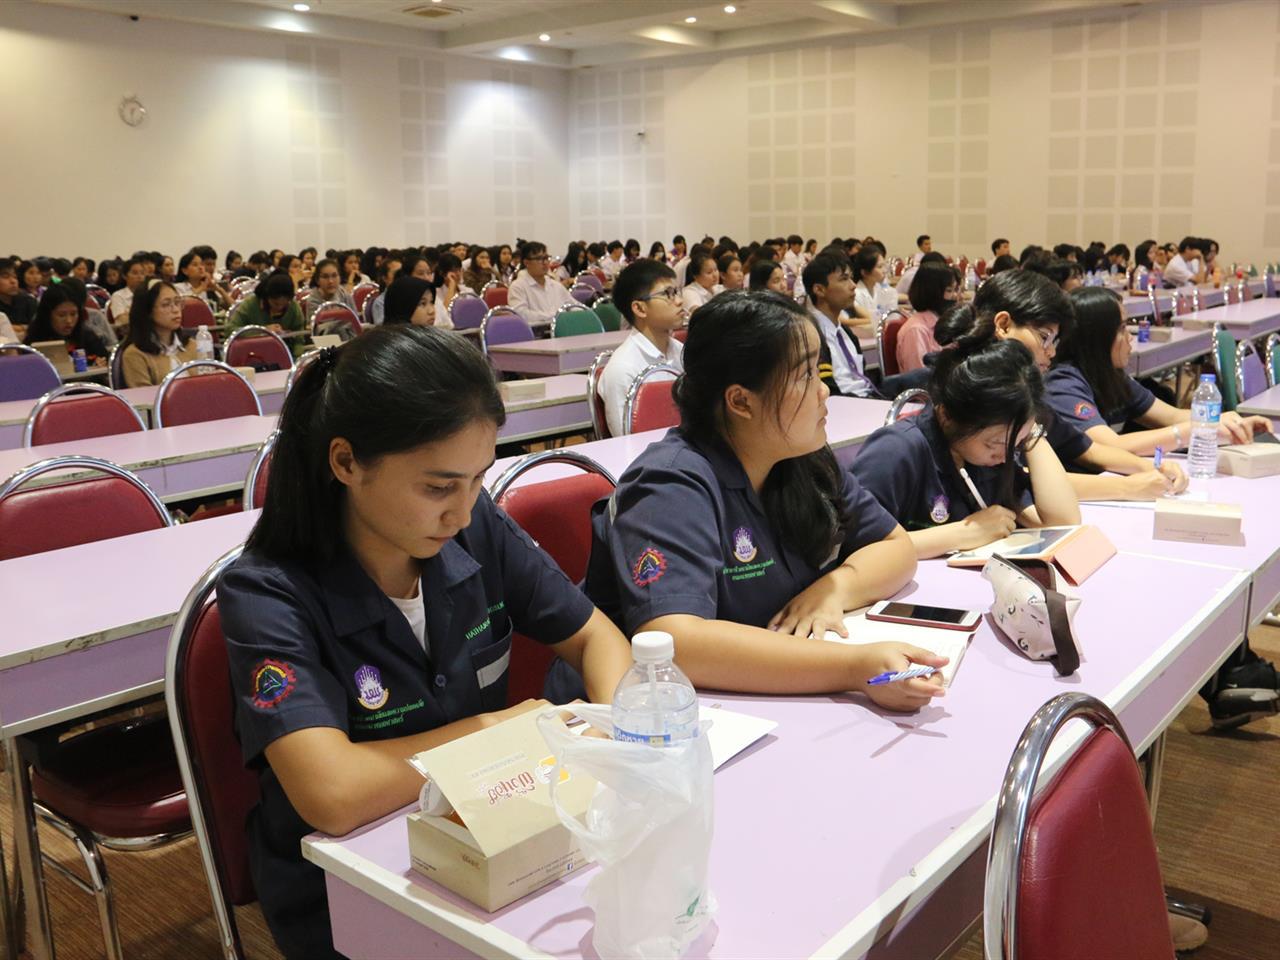 โครงการแนะแนวสหกิจศึกษา มหาวิทยาลัยพะเยา ครั้งที่ 4